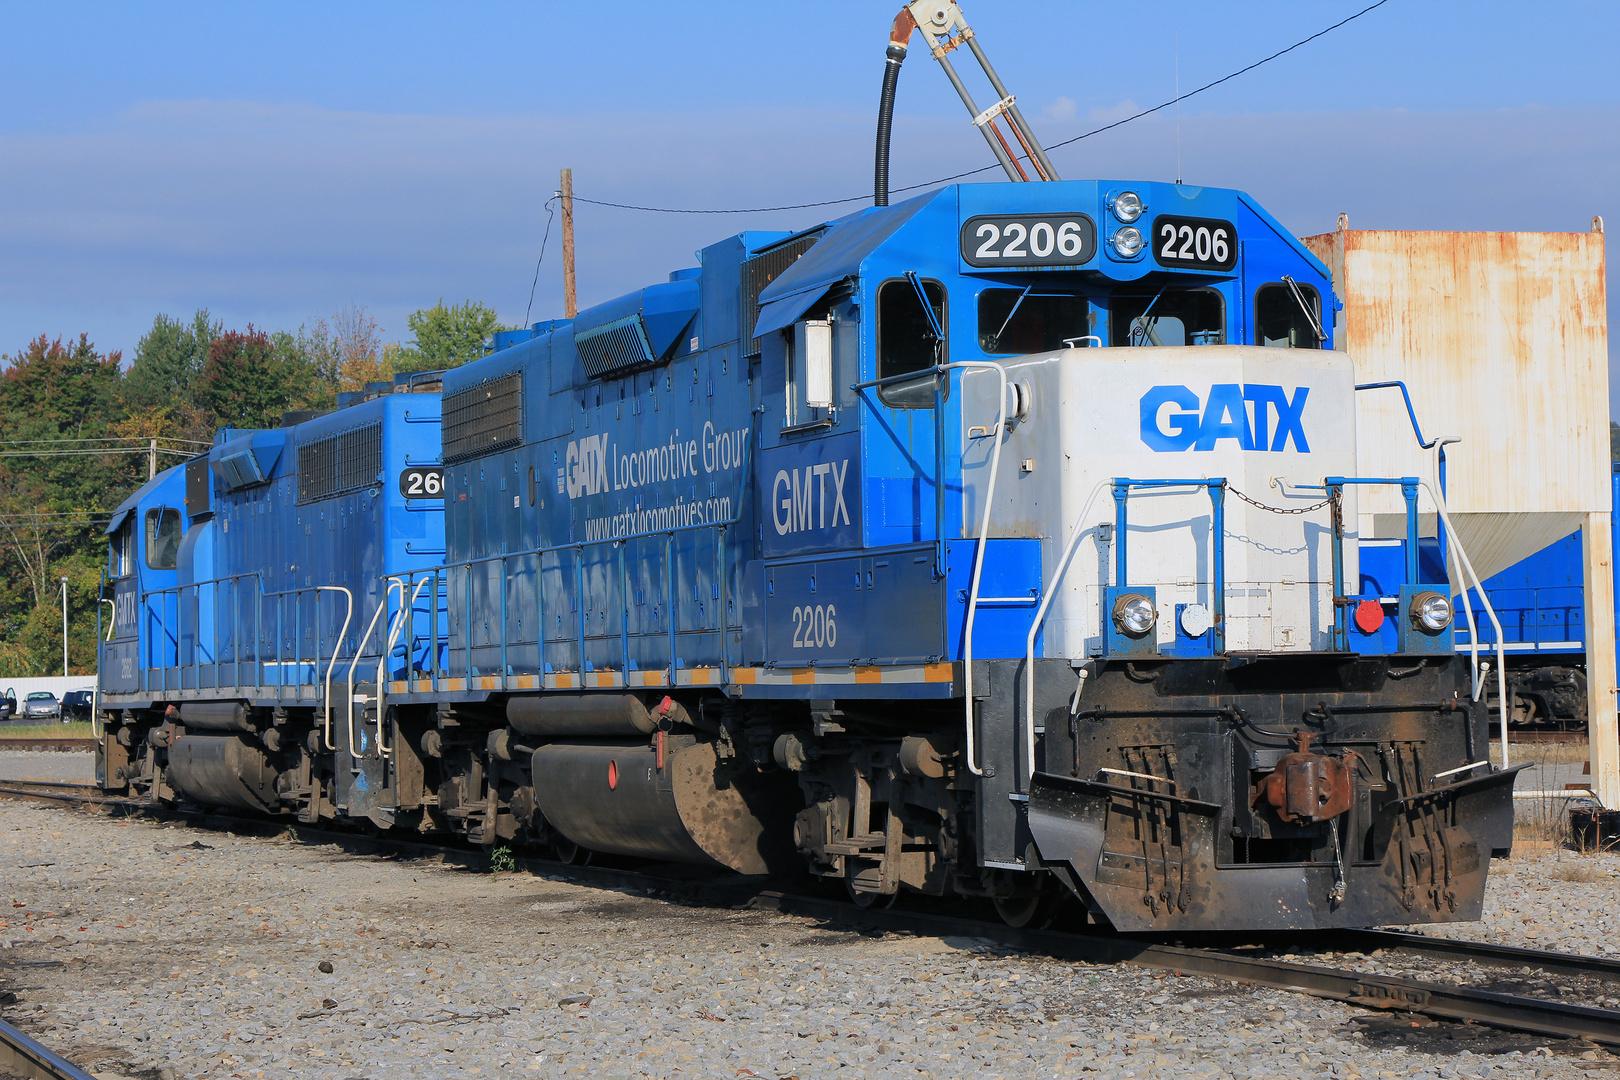 GP38-2 GMTX#2206, Yard der A&O RR in Buckhannon, WV